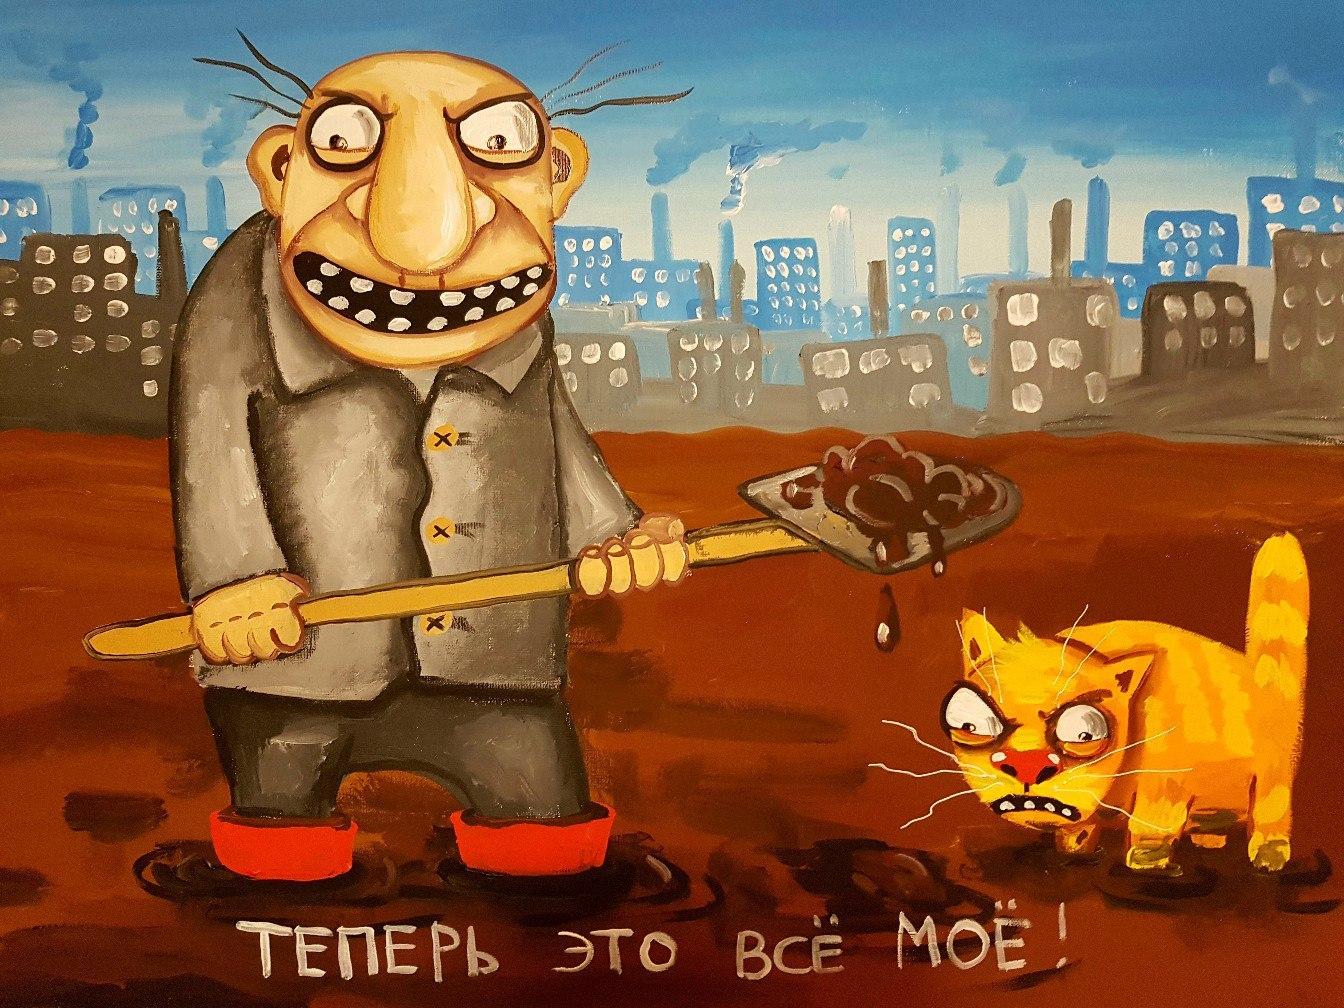 Запуск рынка земли позволит за 5 лет в 3 раза увеличить производство аграрной продукции в Украине, - Богдан - Цензор.НЕТ 4428